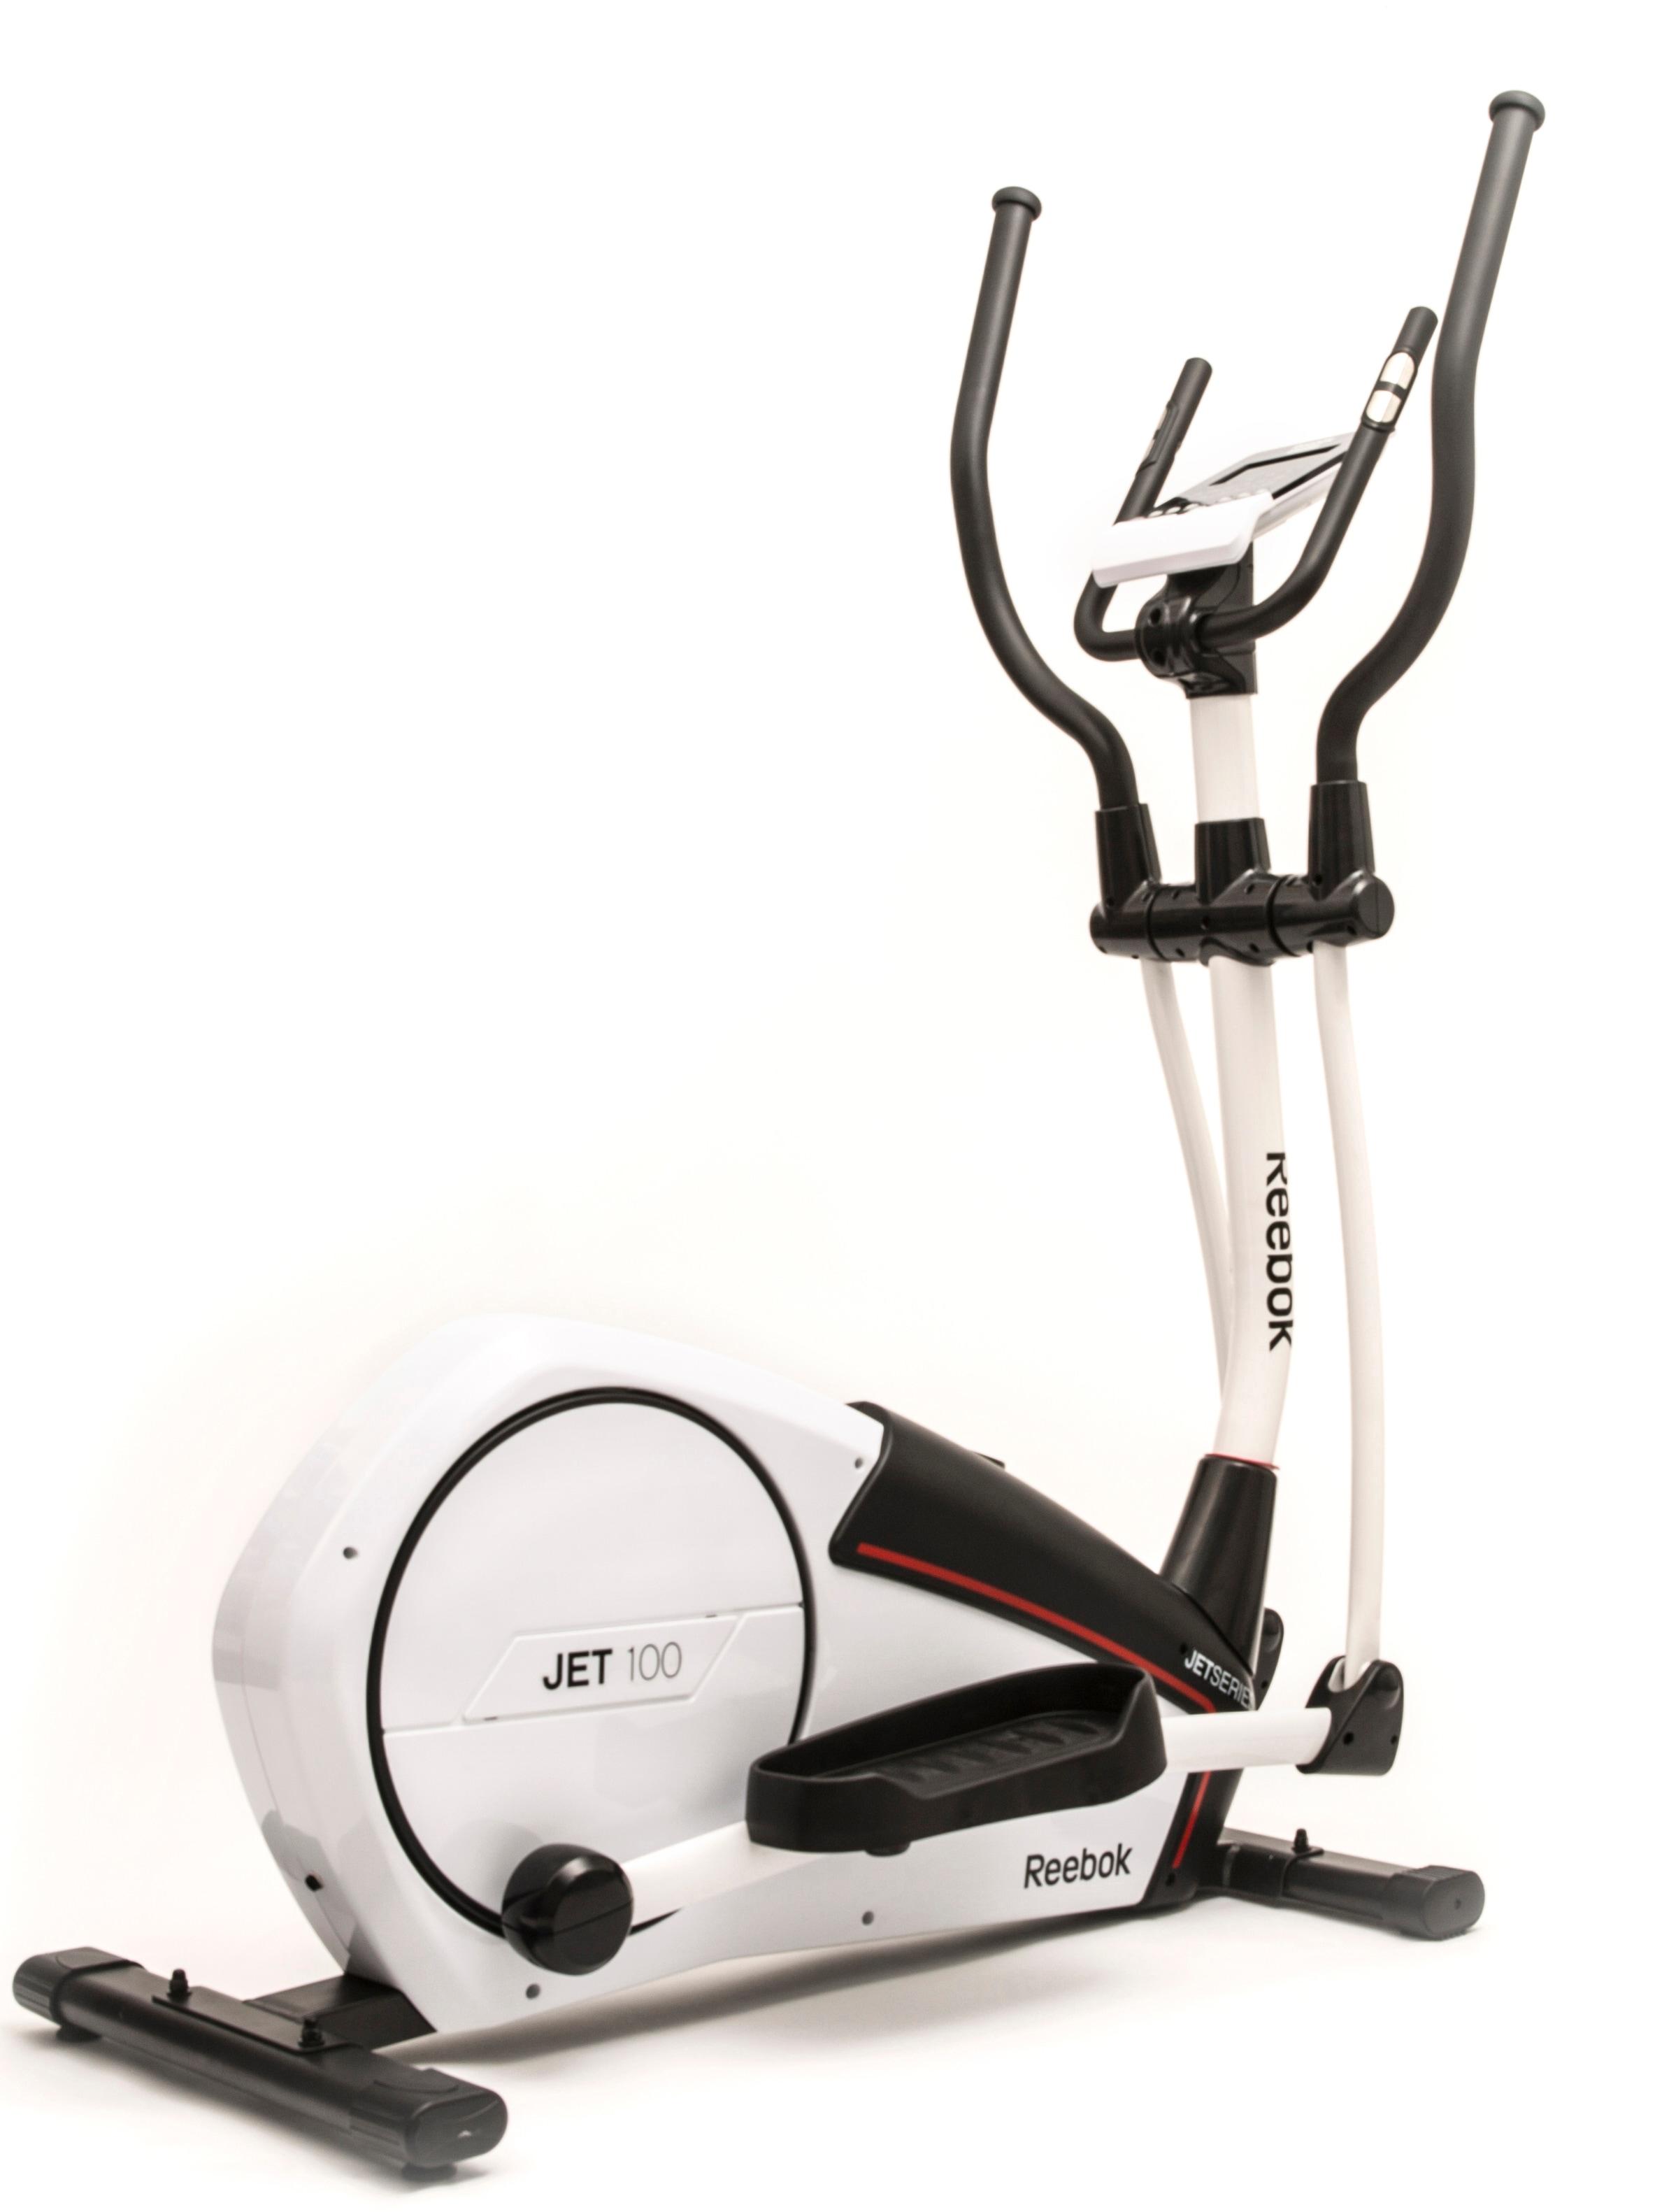 Reebok Crosstrainer-Ergometer Jet 100 Series Crosstrainer weiß Fitness Ausrüstung Sportarten